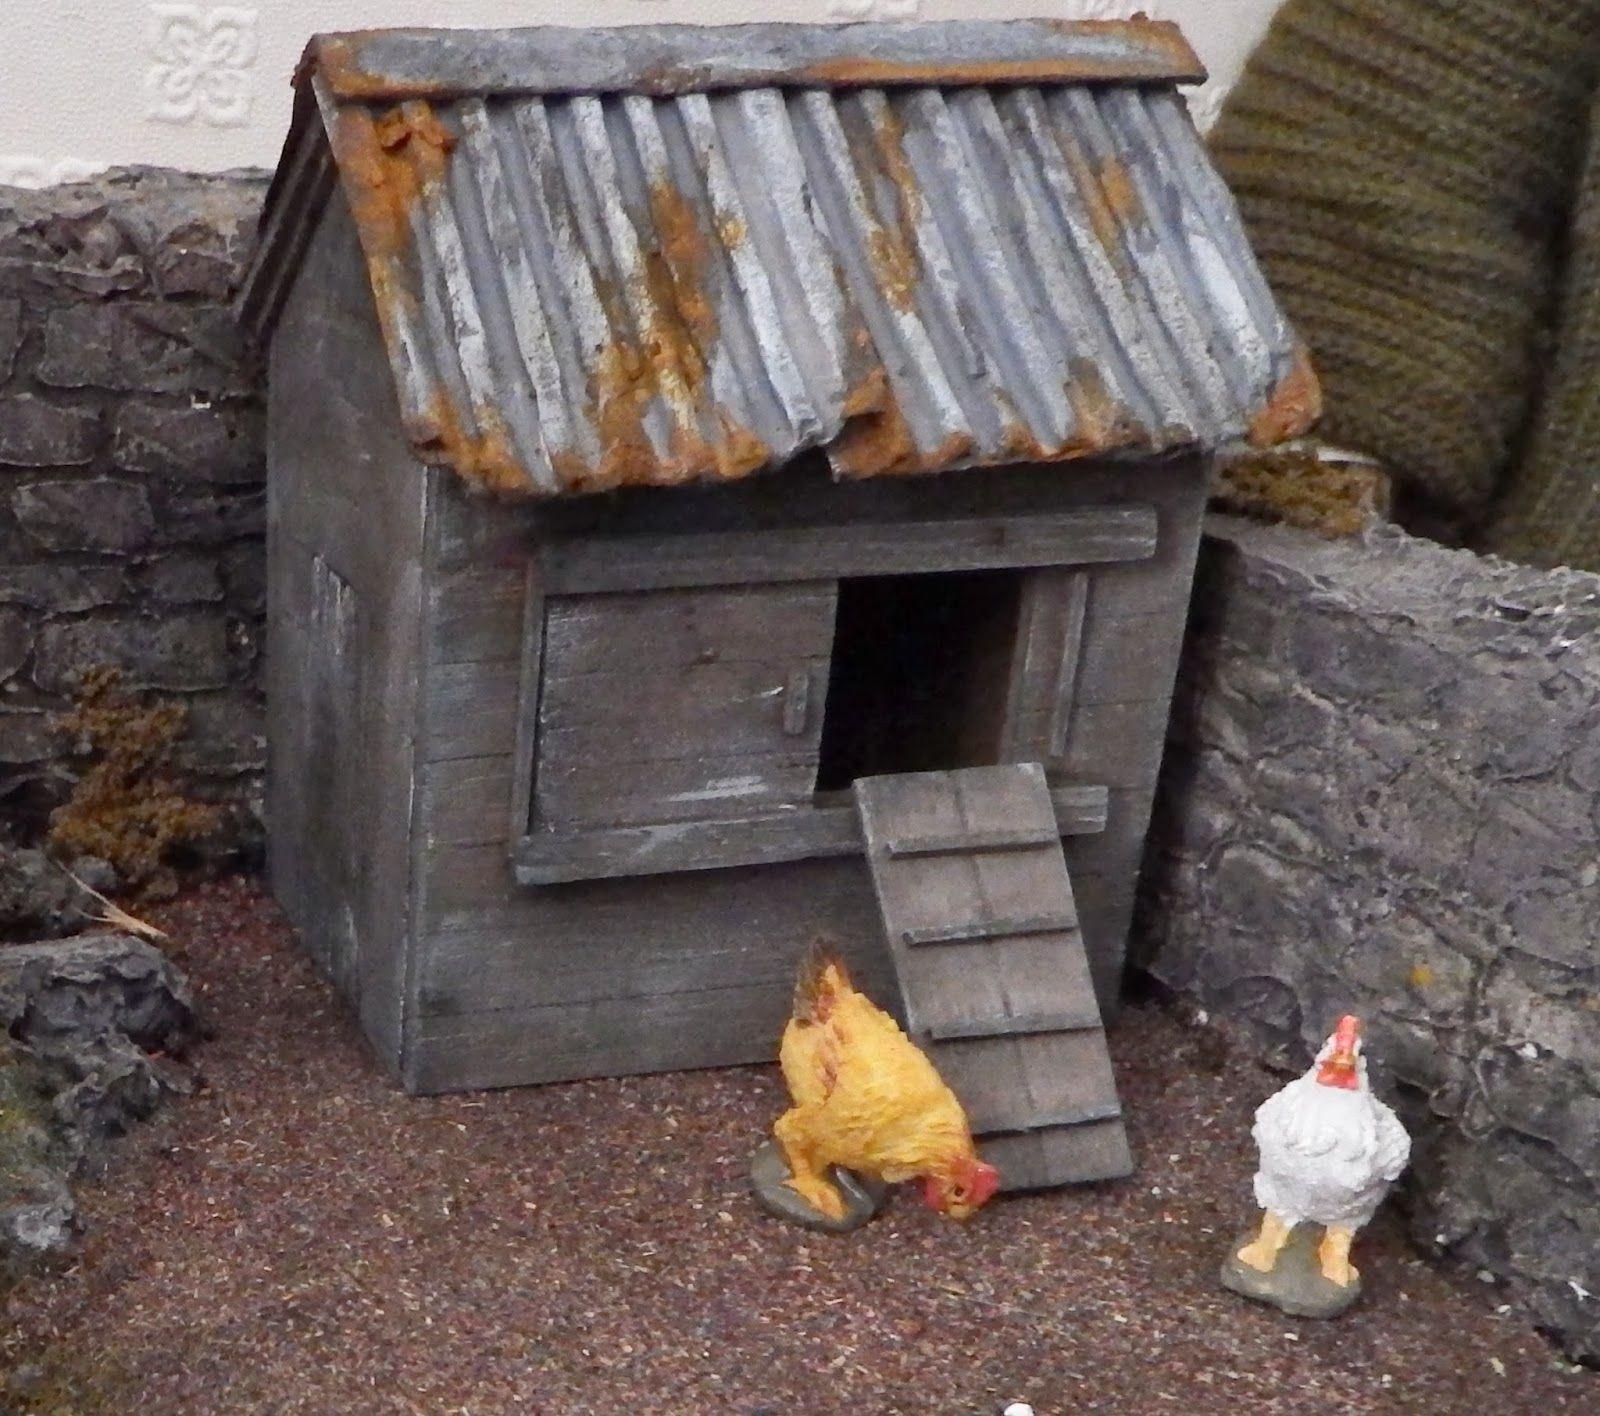 Building Miniature Dreams Miniature Crafts Miniatures Cardboard House